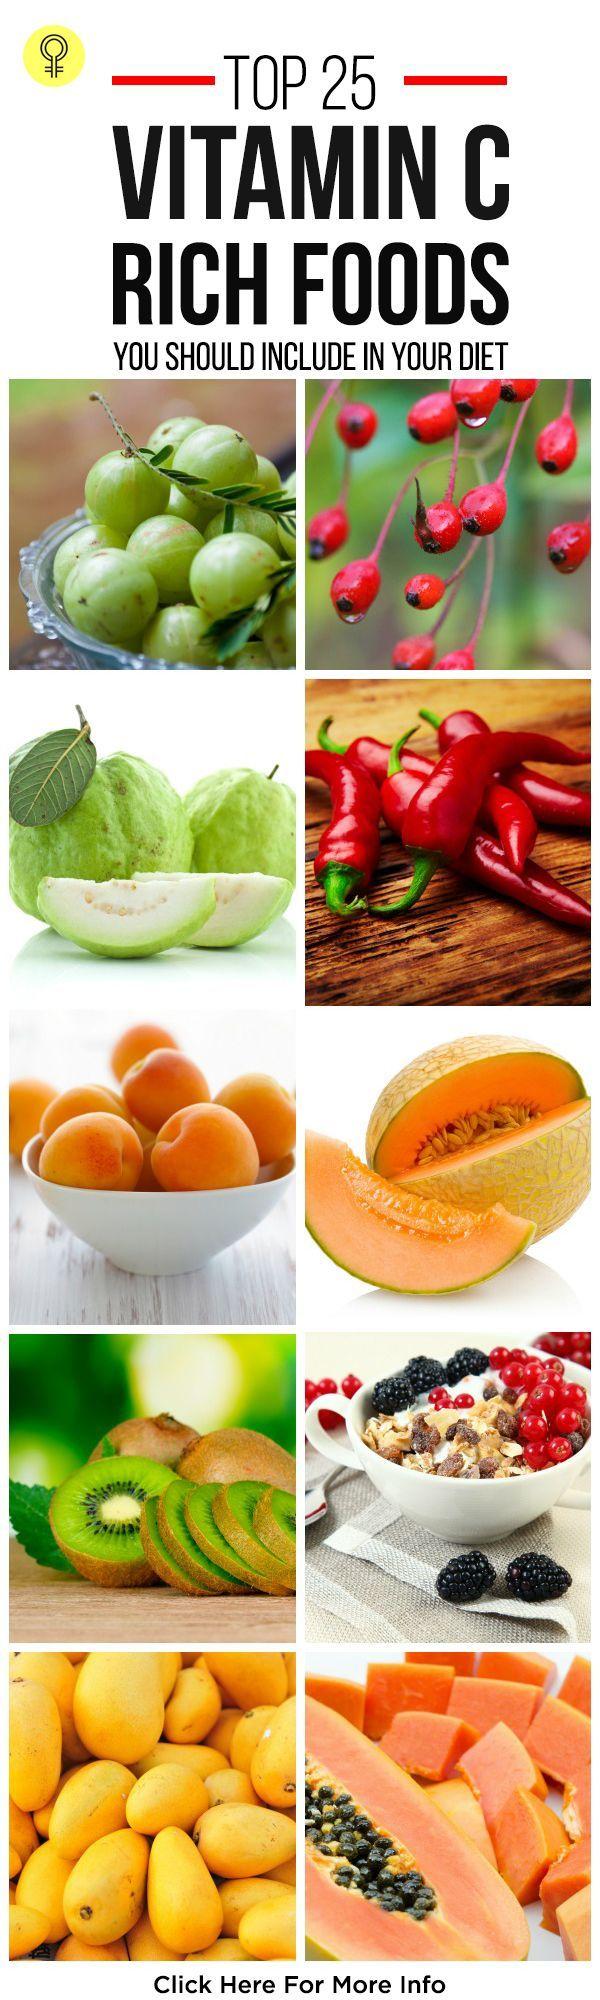 List Of Foods